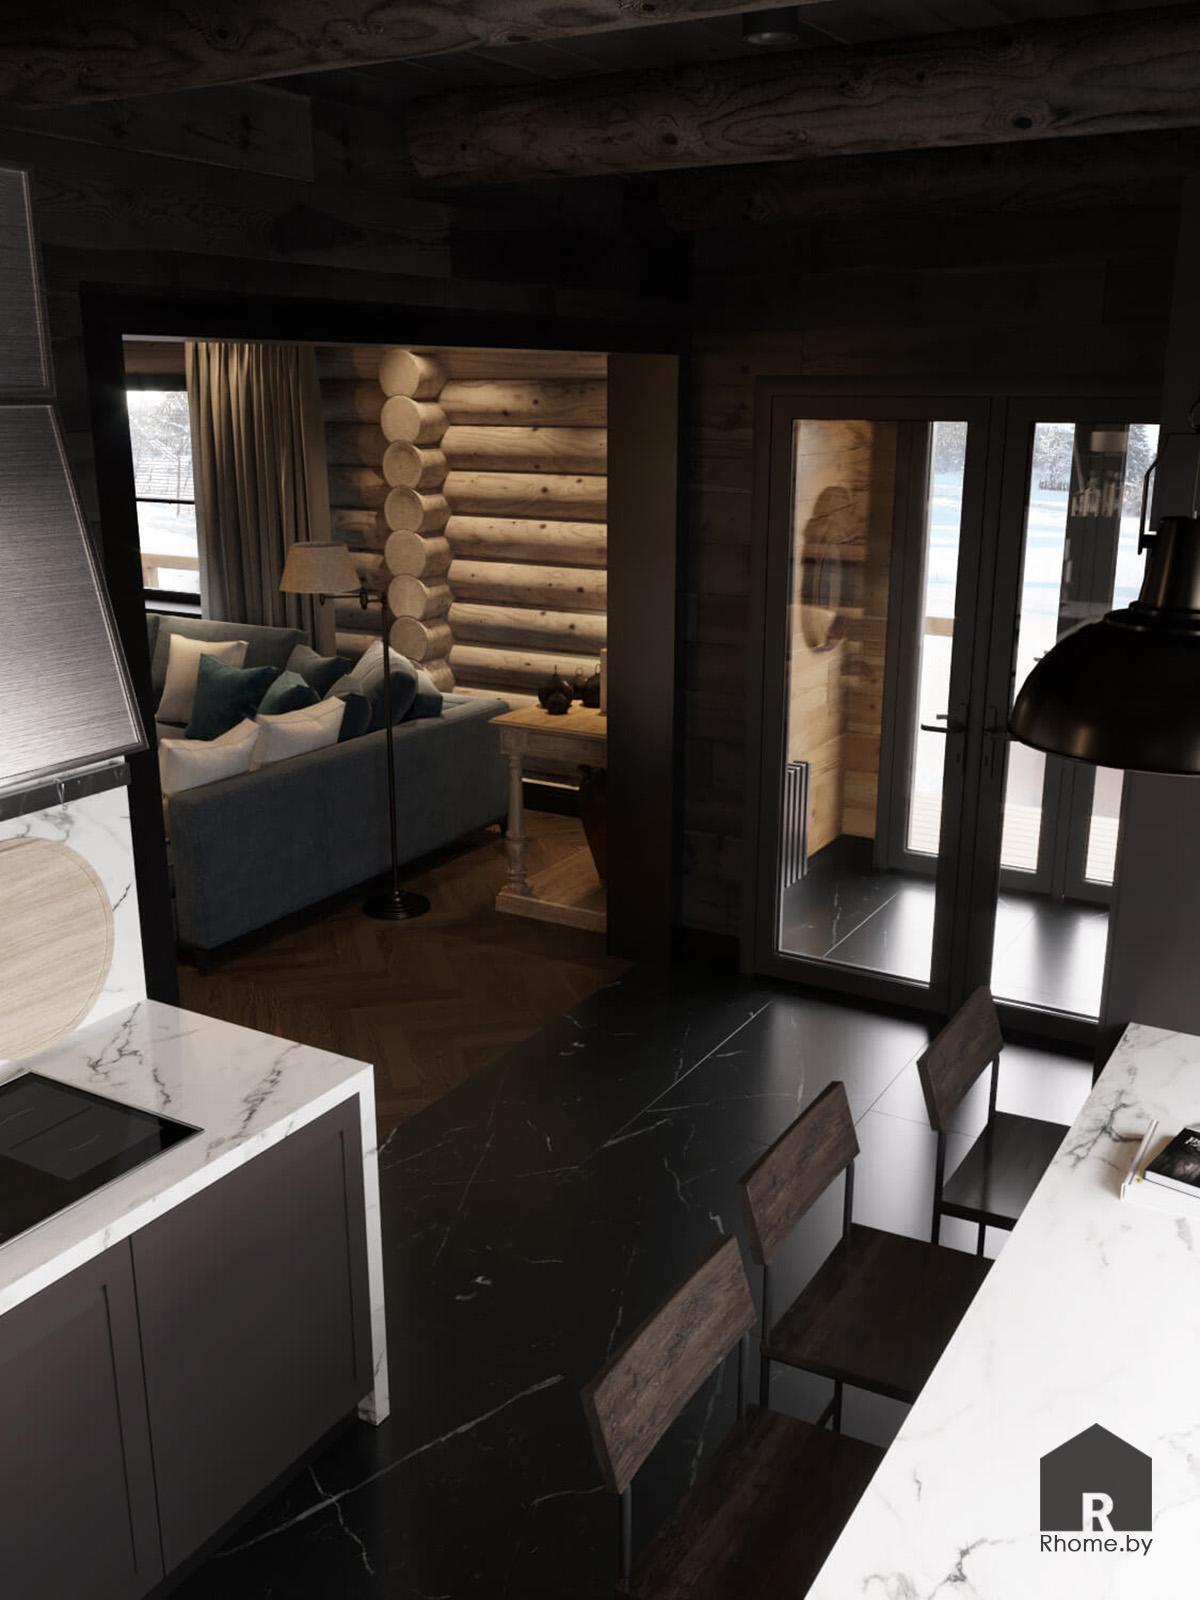 Кухня загородный дом | Дизайн студия – Rhome.by